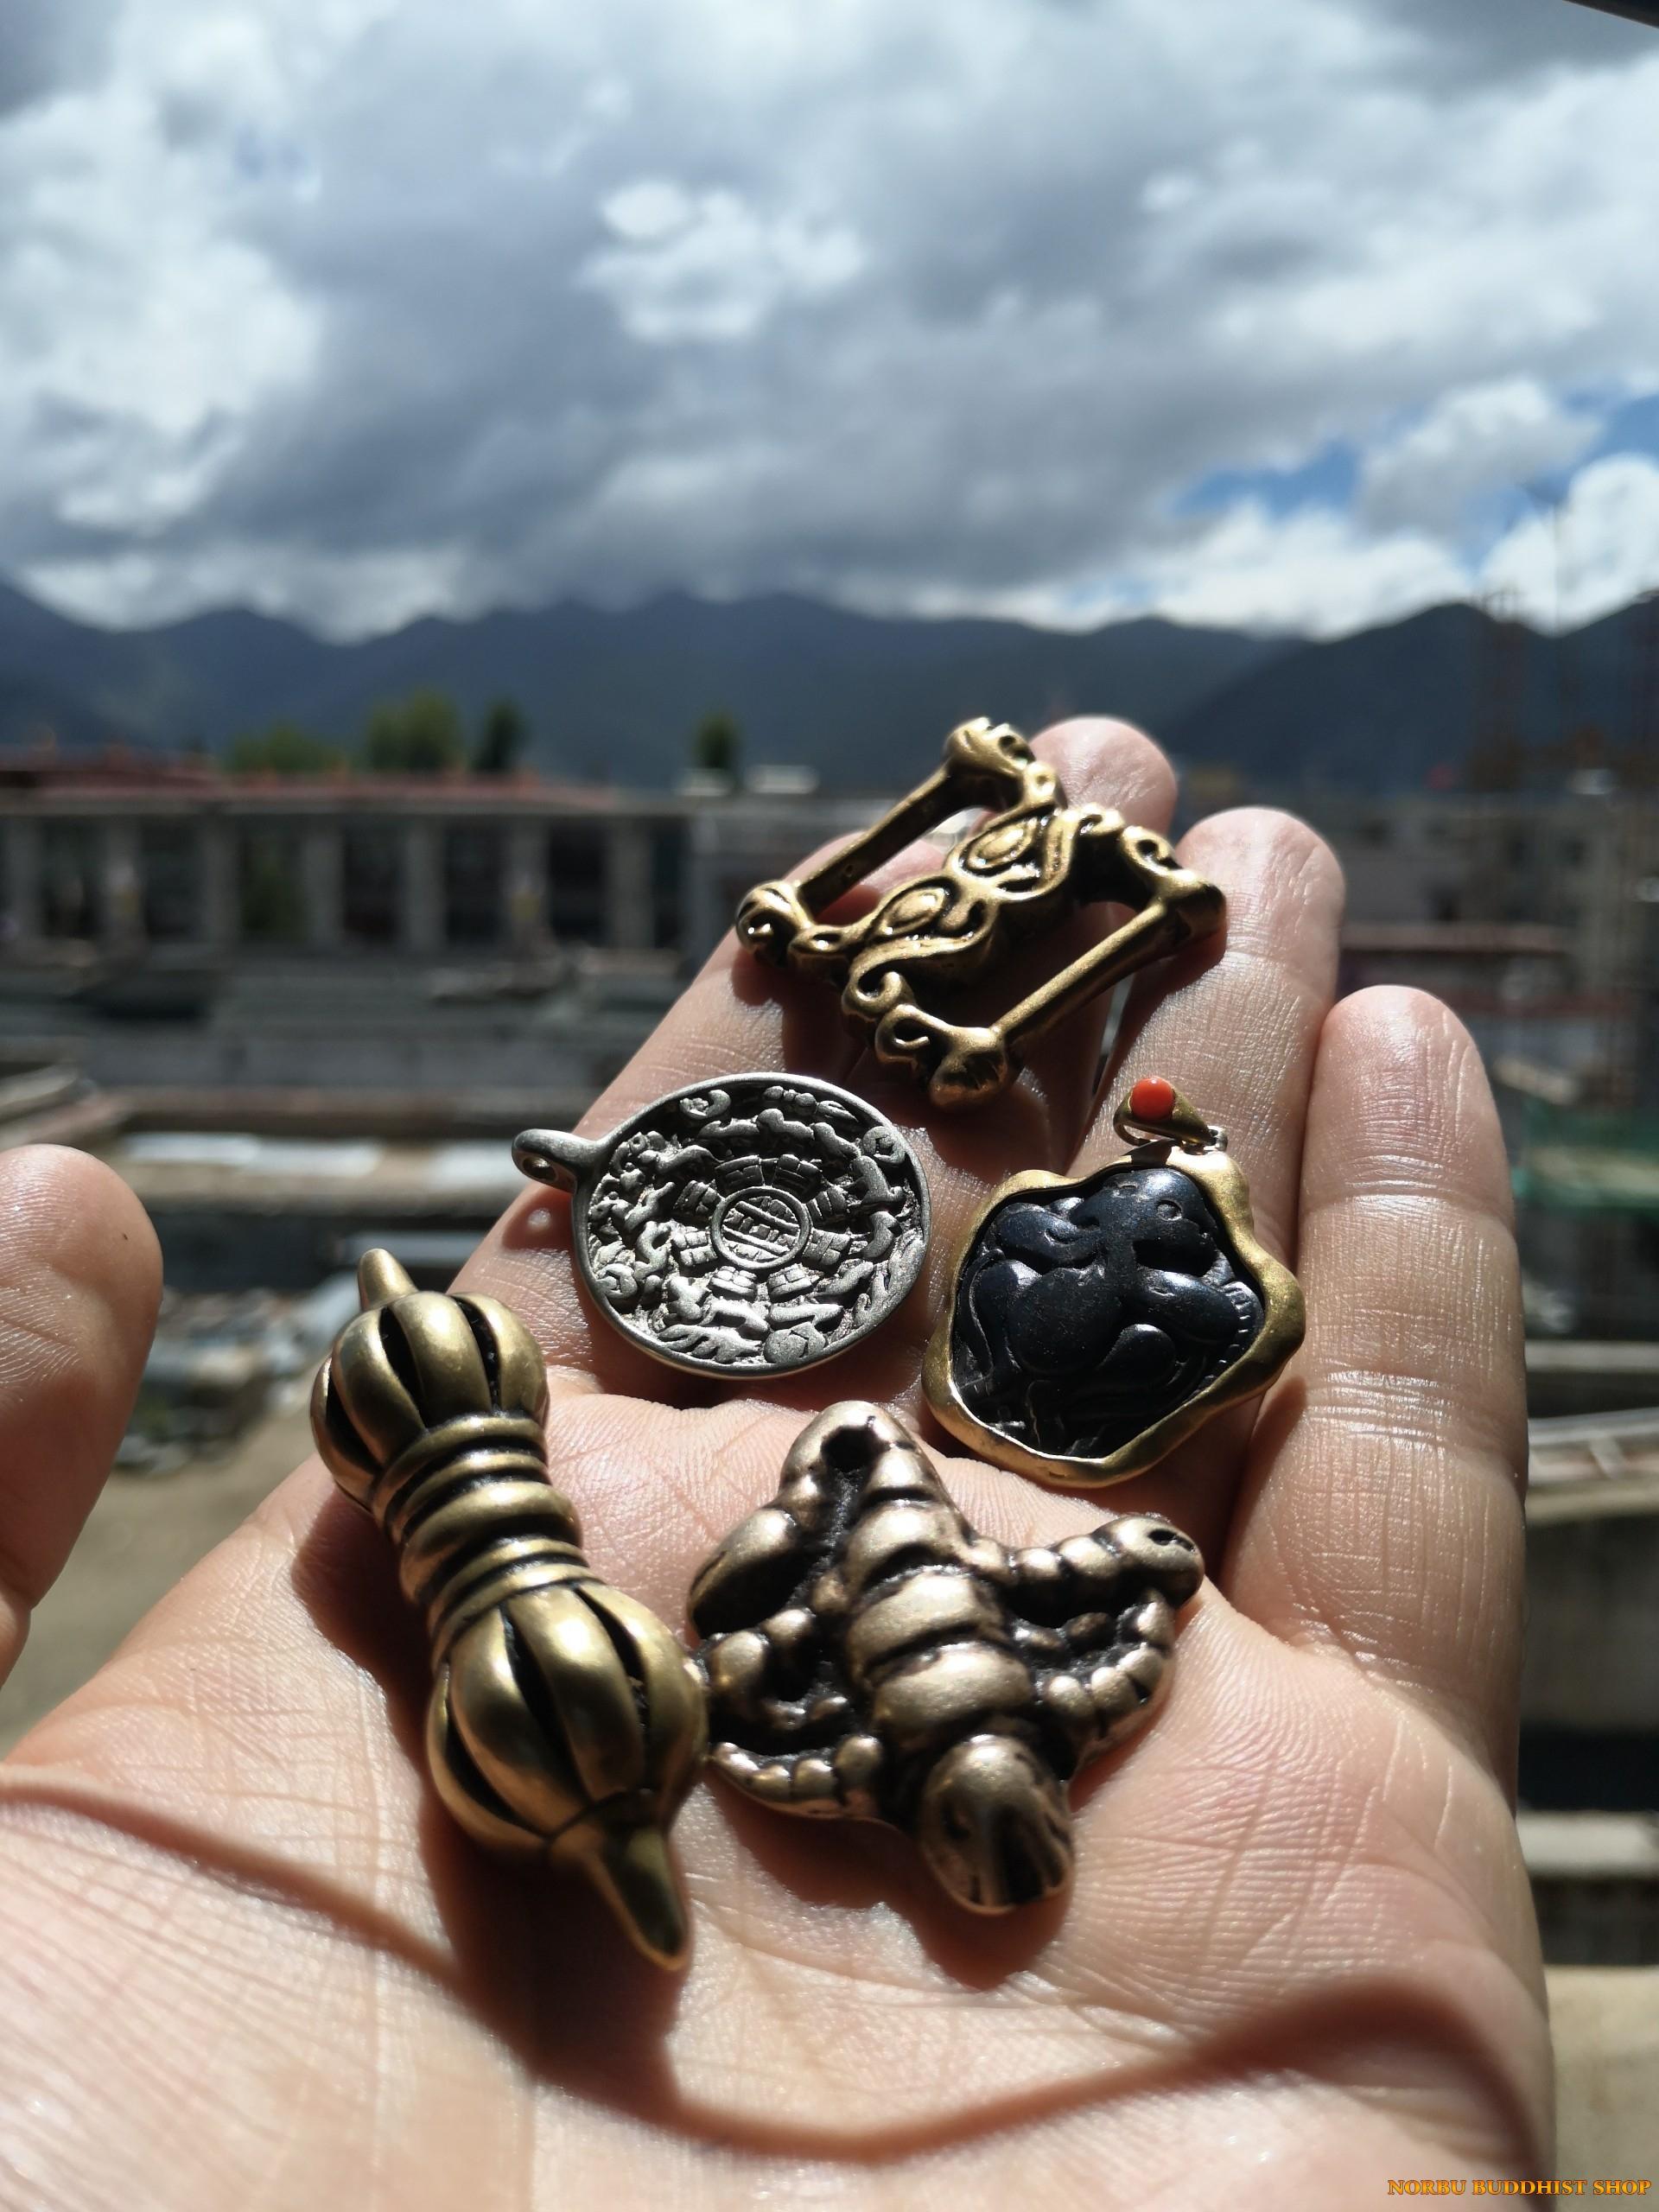 Thokcha bùa hộ mệnh xứ Tây Tạng Bí mật Thogcha Amulets mà bạn cần biết 13